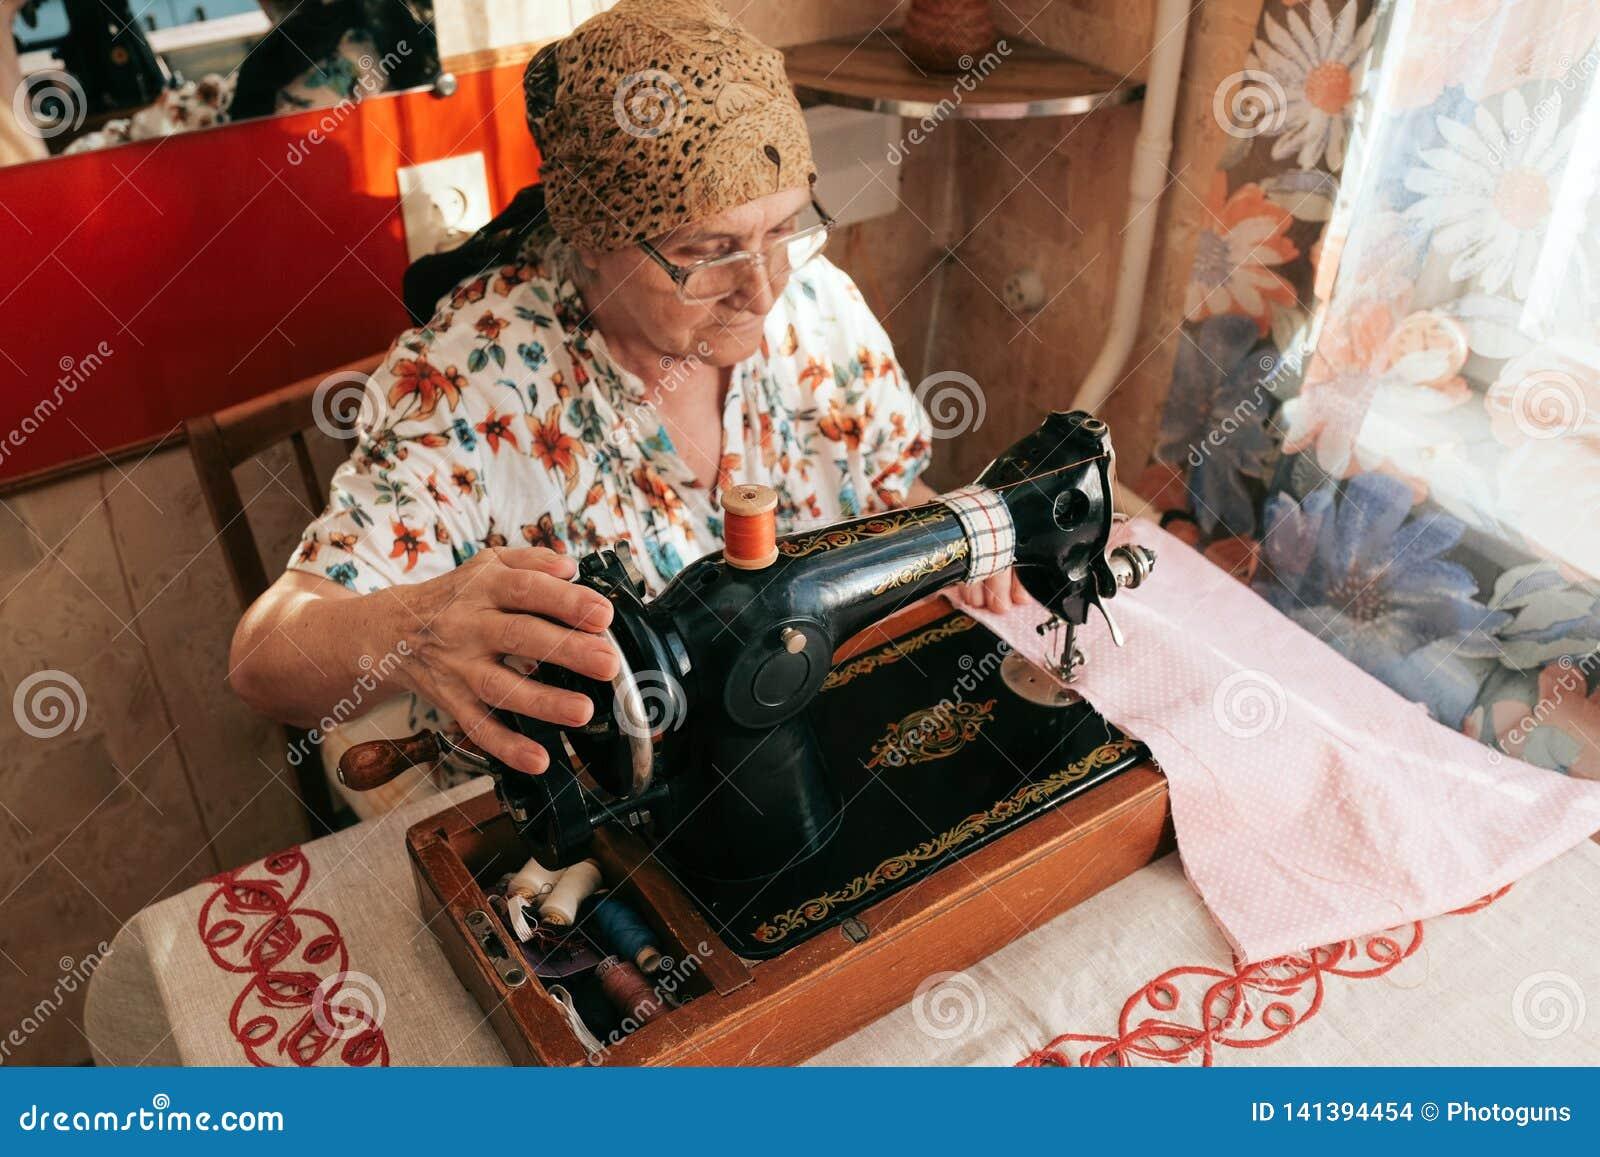 Portret pracuje od domu 70 lat starsza kobieta w widowiskach używać szwalną maszynę, Praca dla starych starzejących się ludzi, od